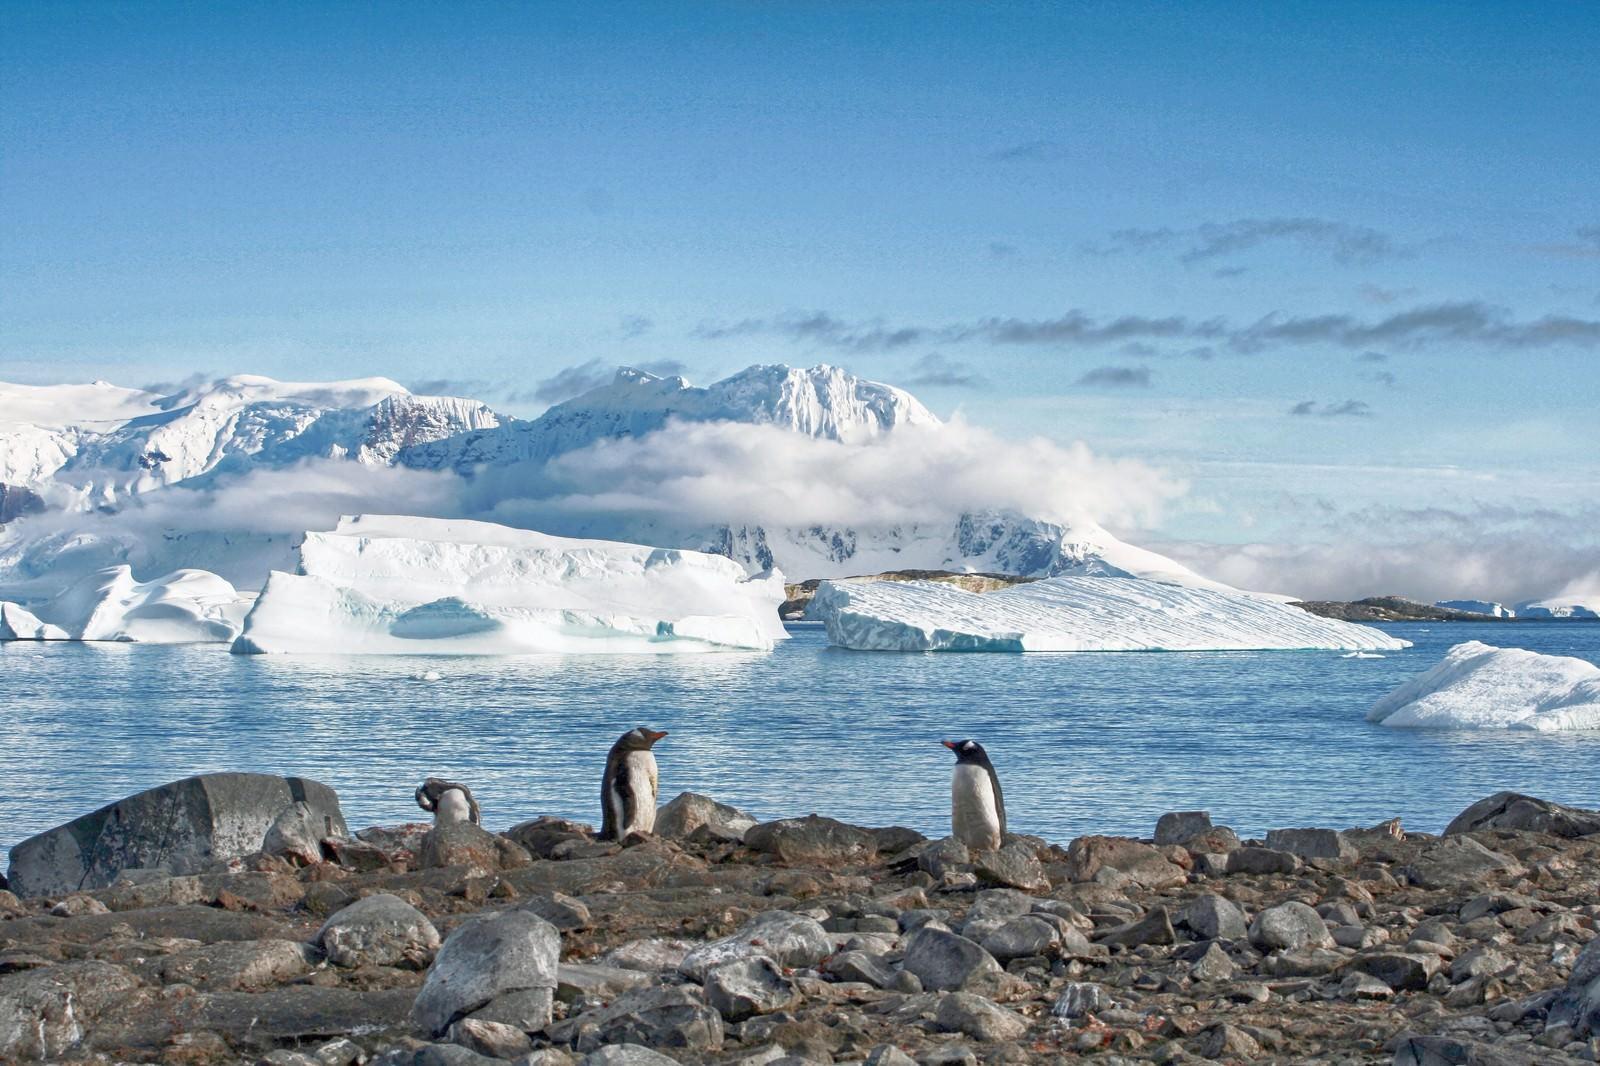 「クーパービル島からの景色(ペンギン)」の写真